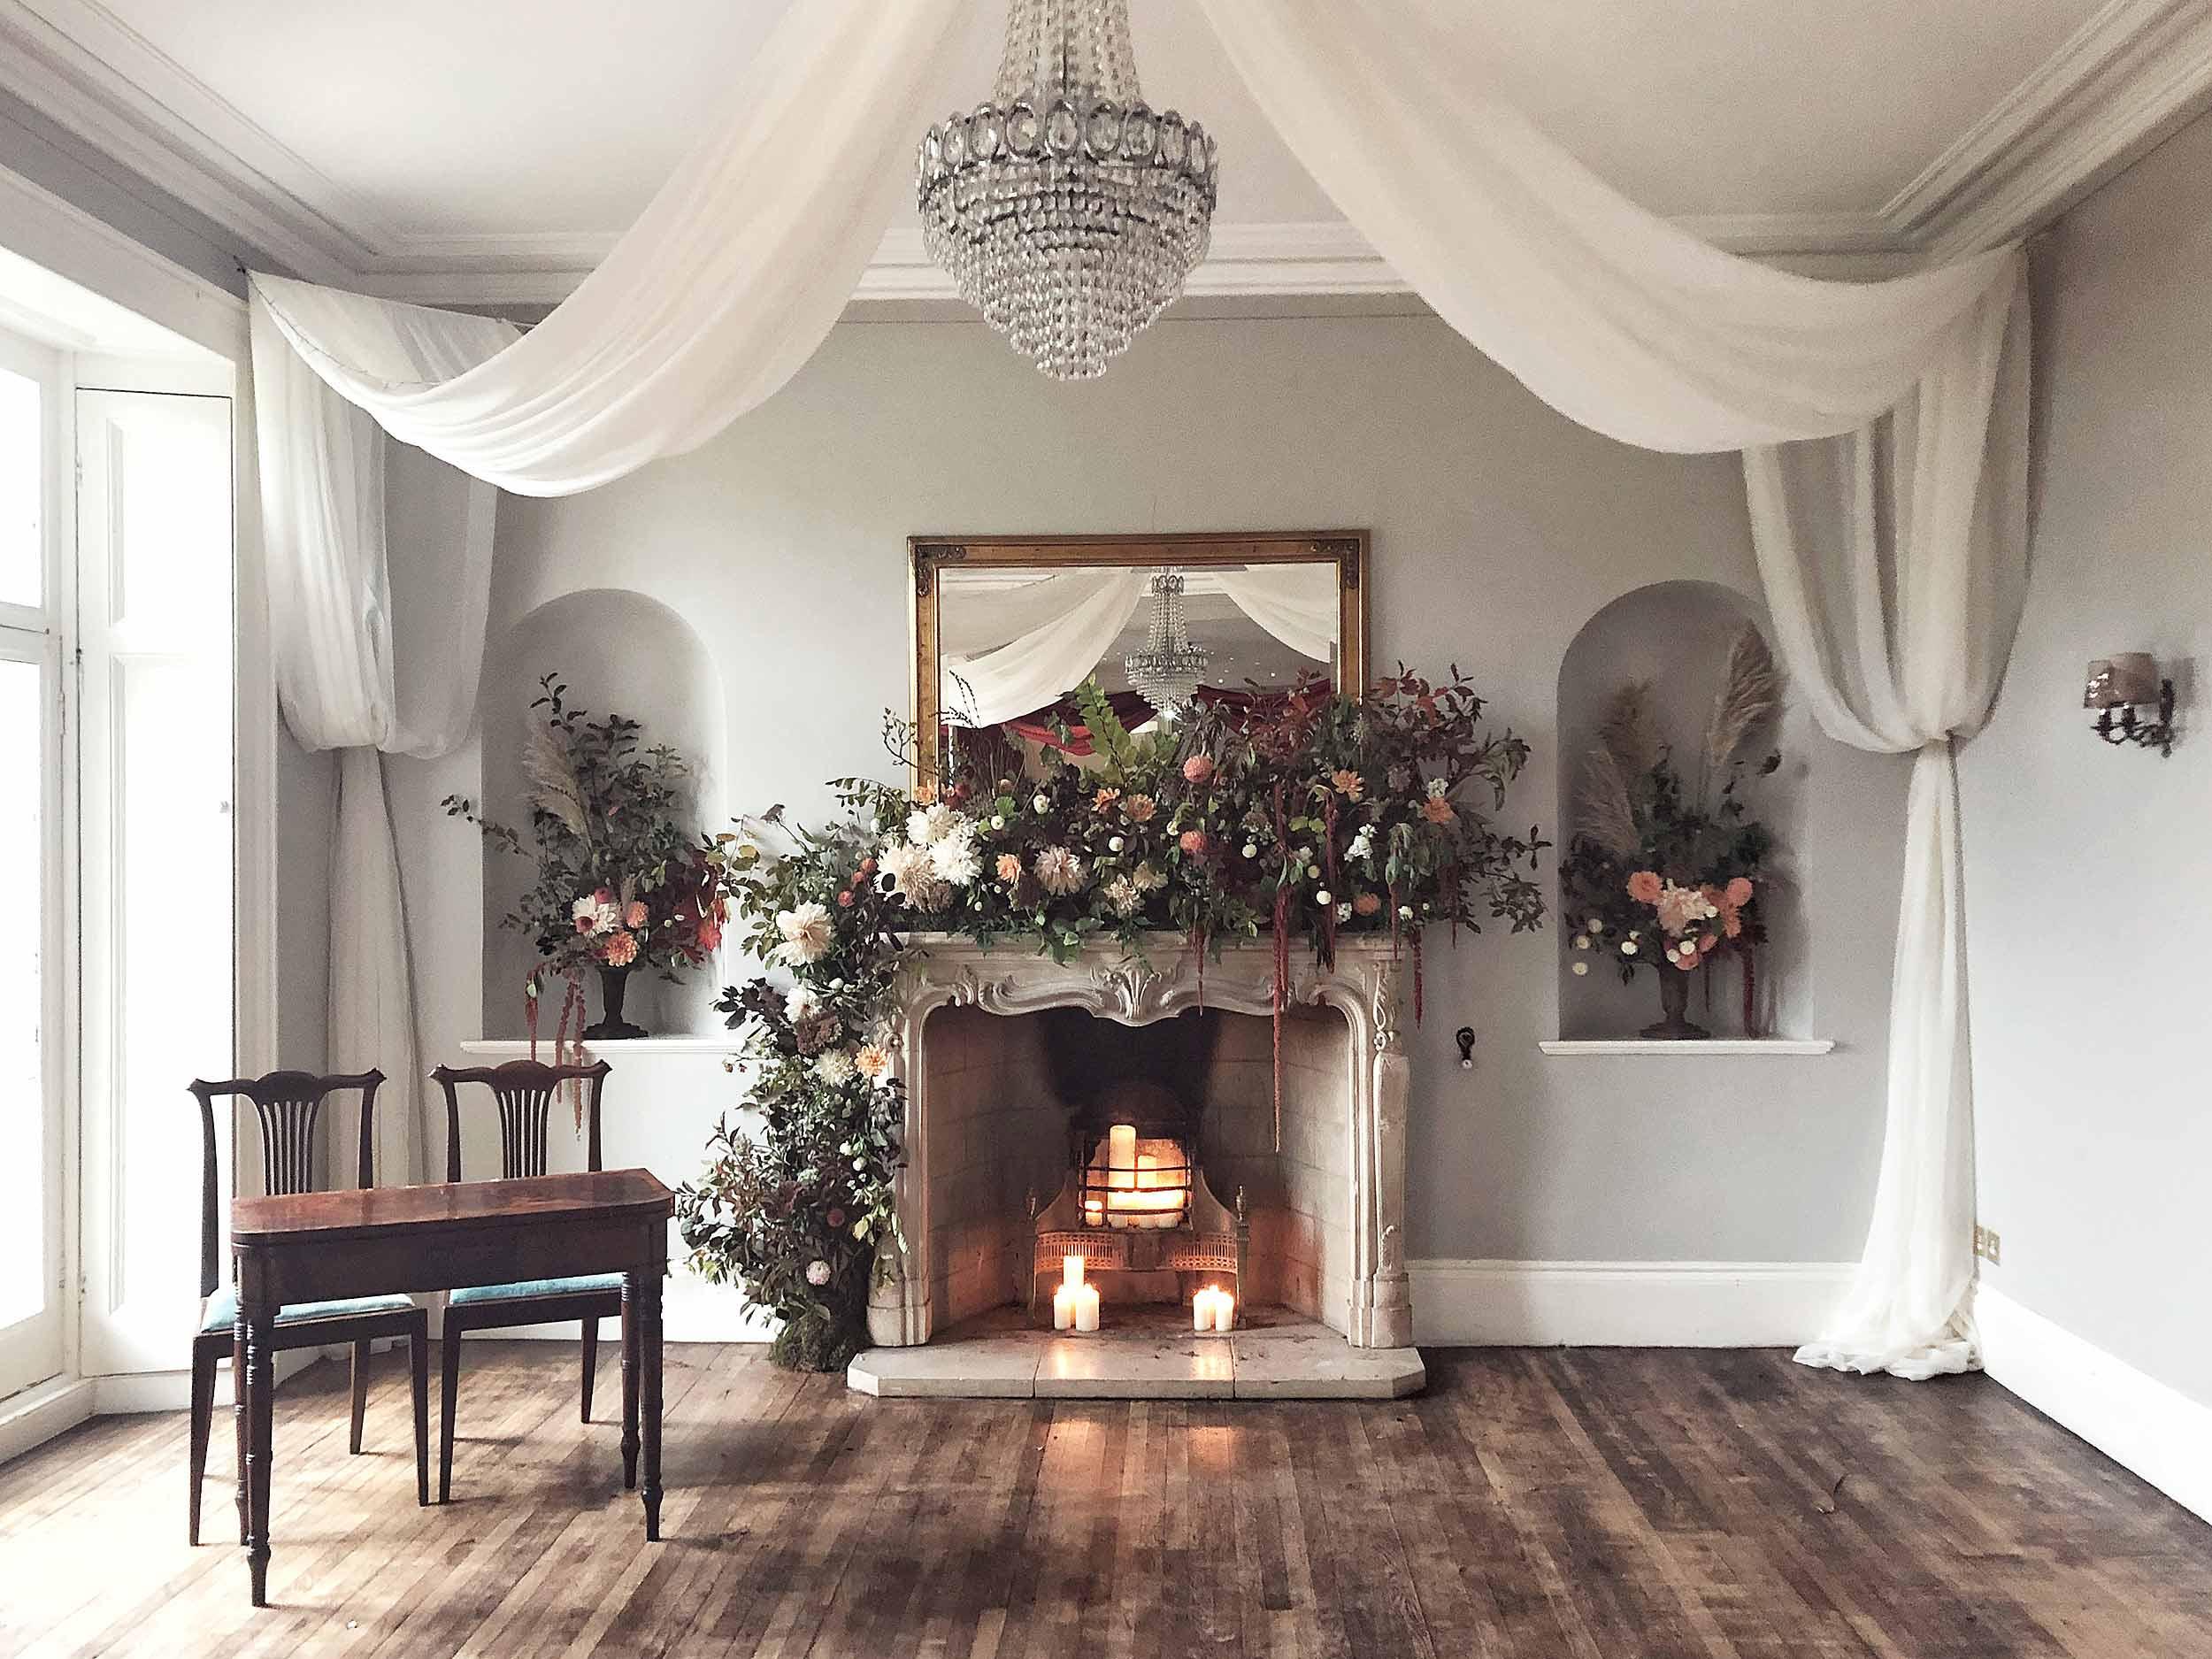 lunaria_wedding_flowers_somerset_UK_03.jpg